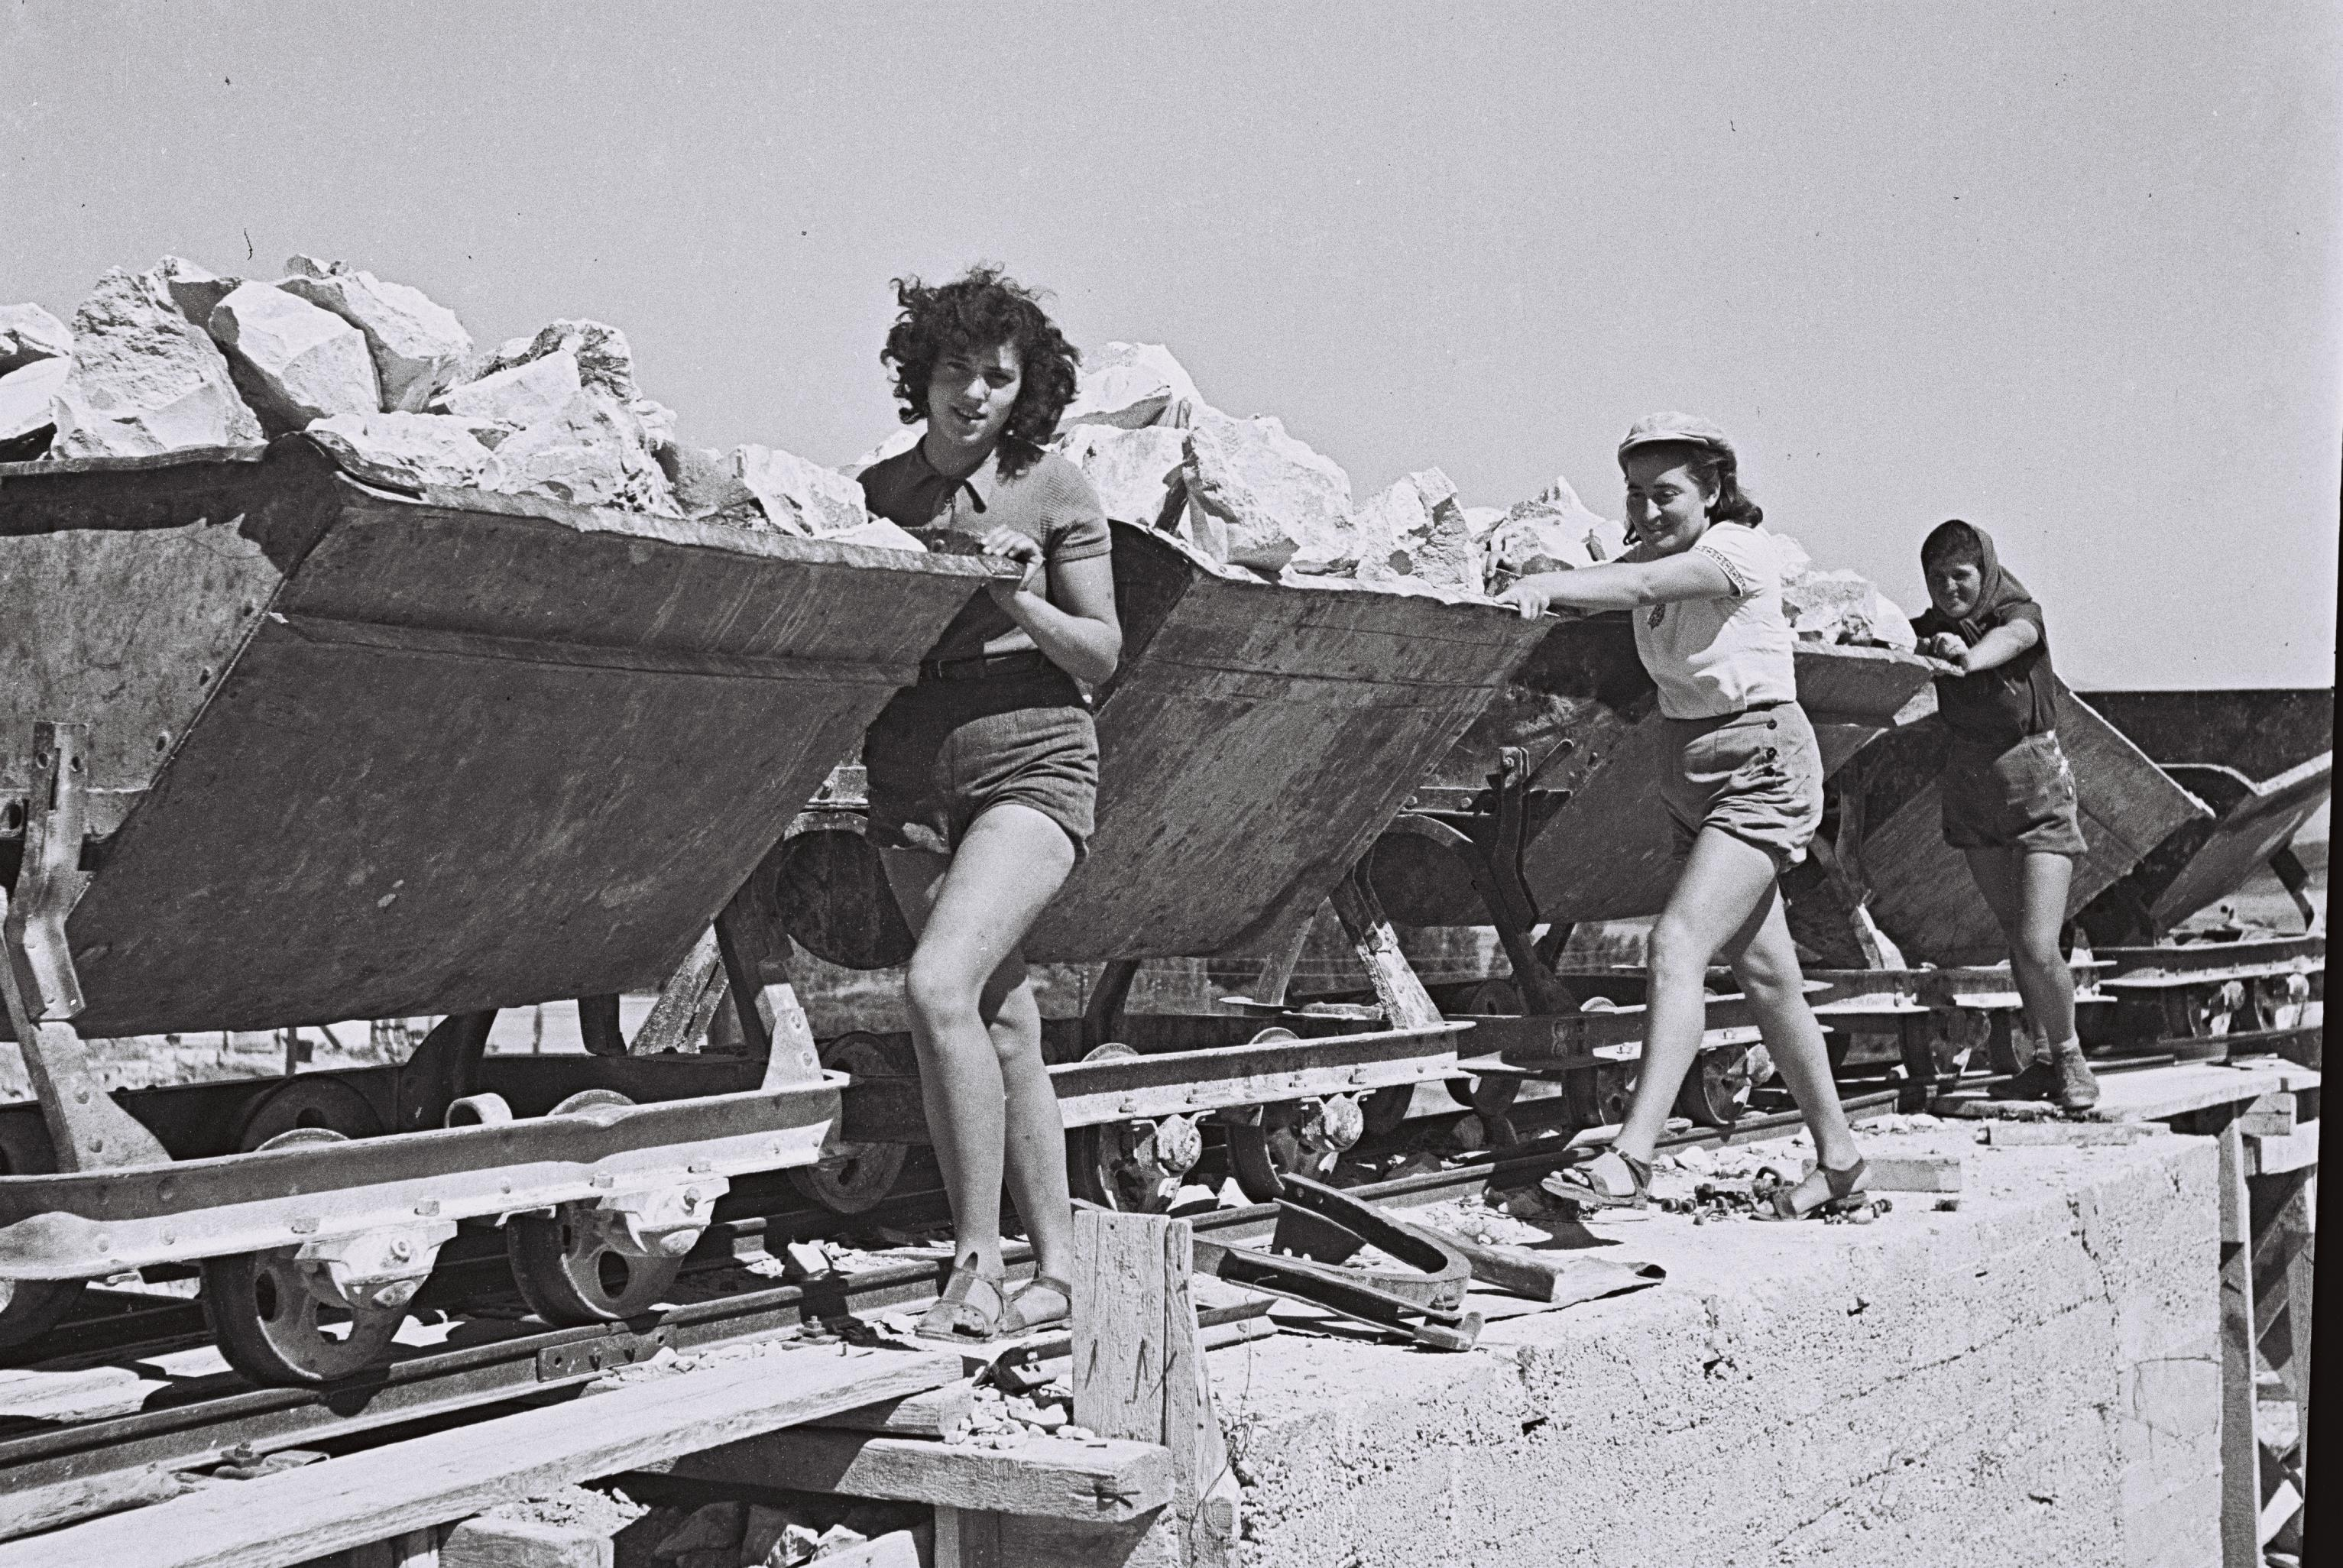 el prado jewish girl personals Albuquerque, nm — albuquerque museum to host exhibit from madrid's el prado museum.